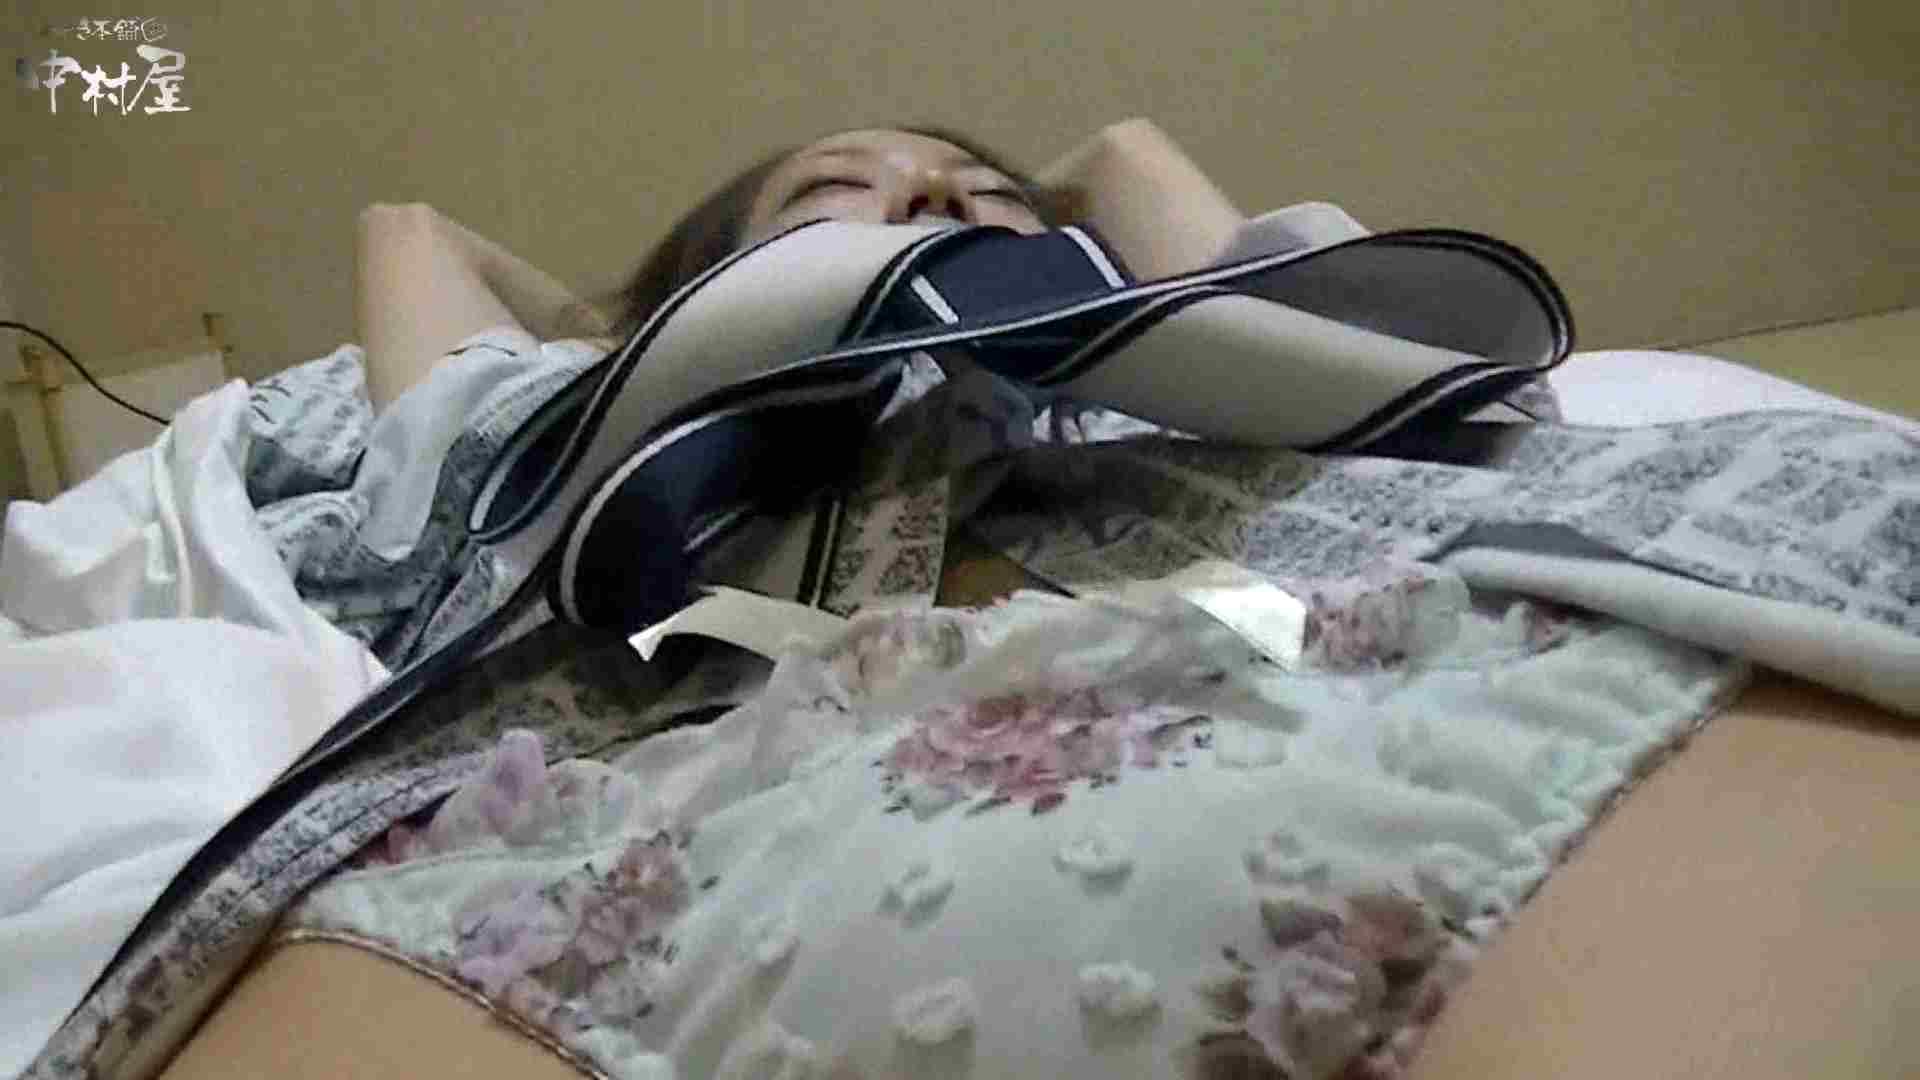 ネムリ姫 vol.58 其の一 無修正マンコ 濡れ場動画紹介 110連発 91